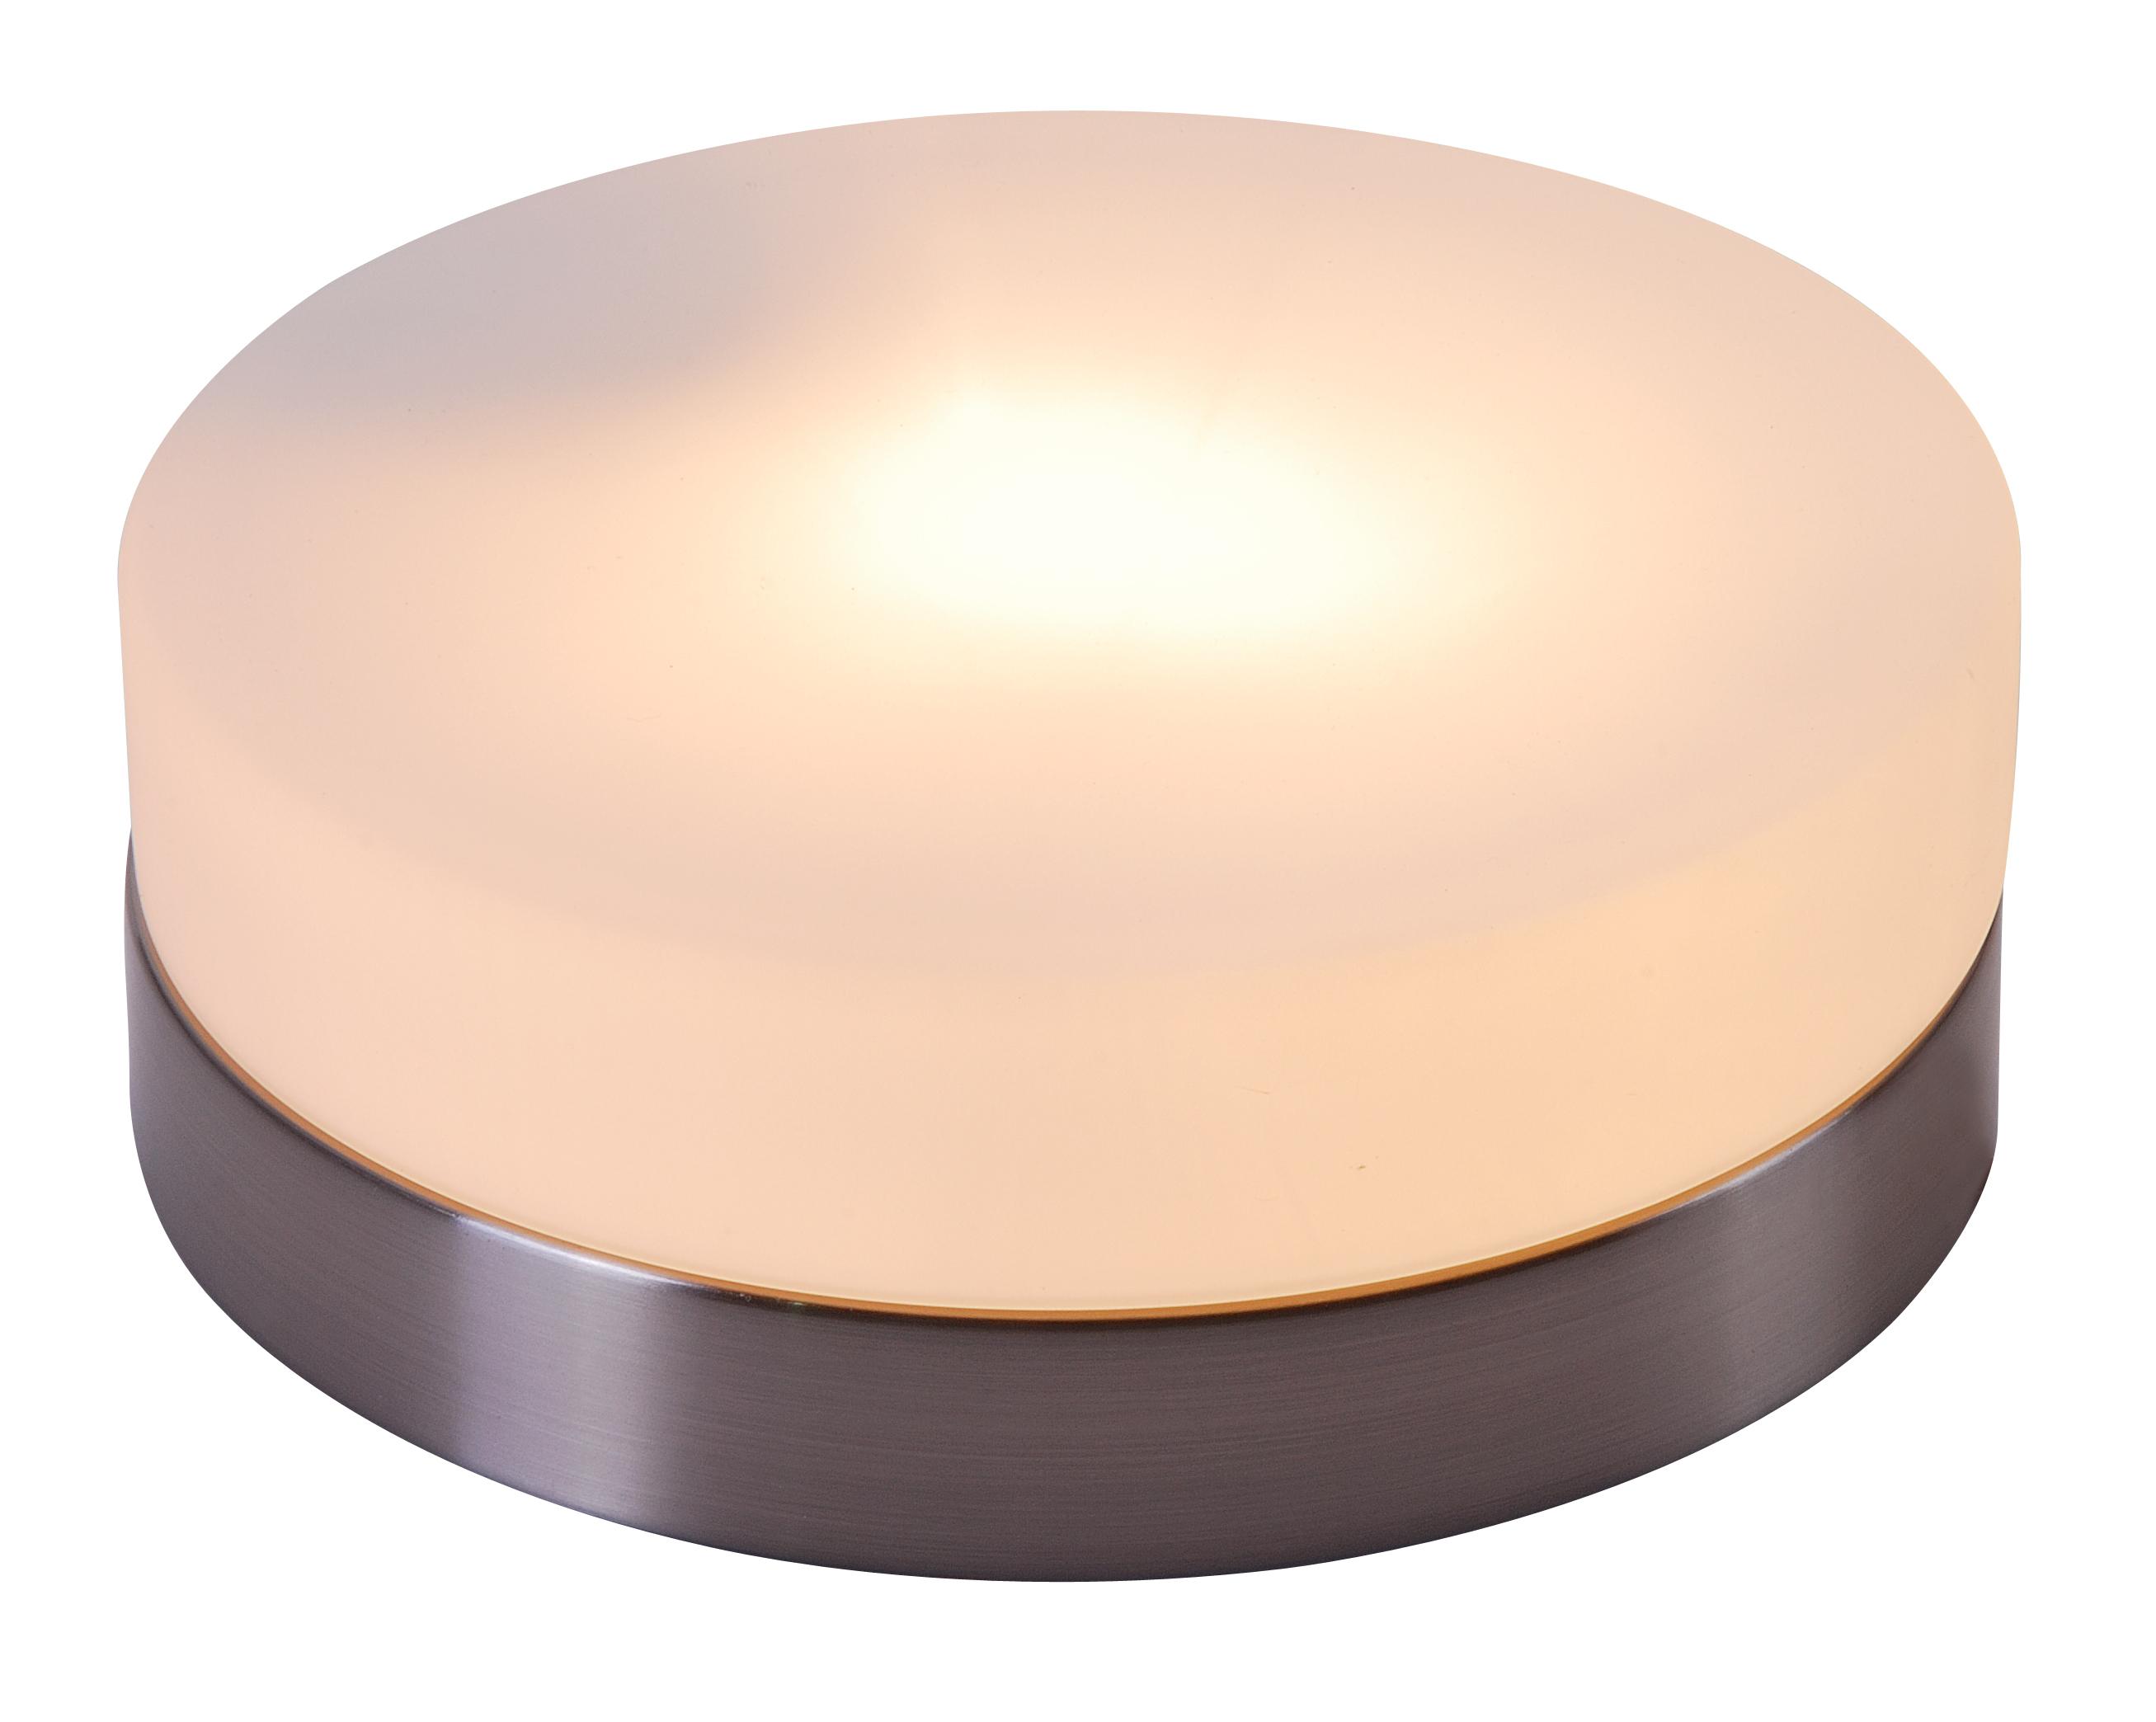 Настенно-потолочный светильник Globo Opal, серый потолочный светильник globo ugo серый